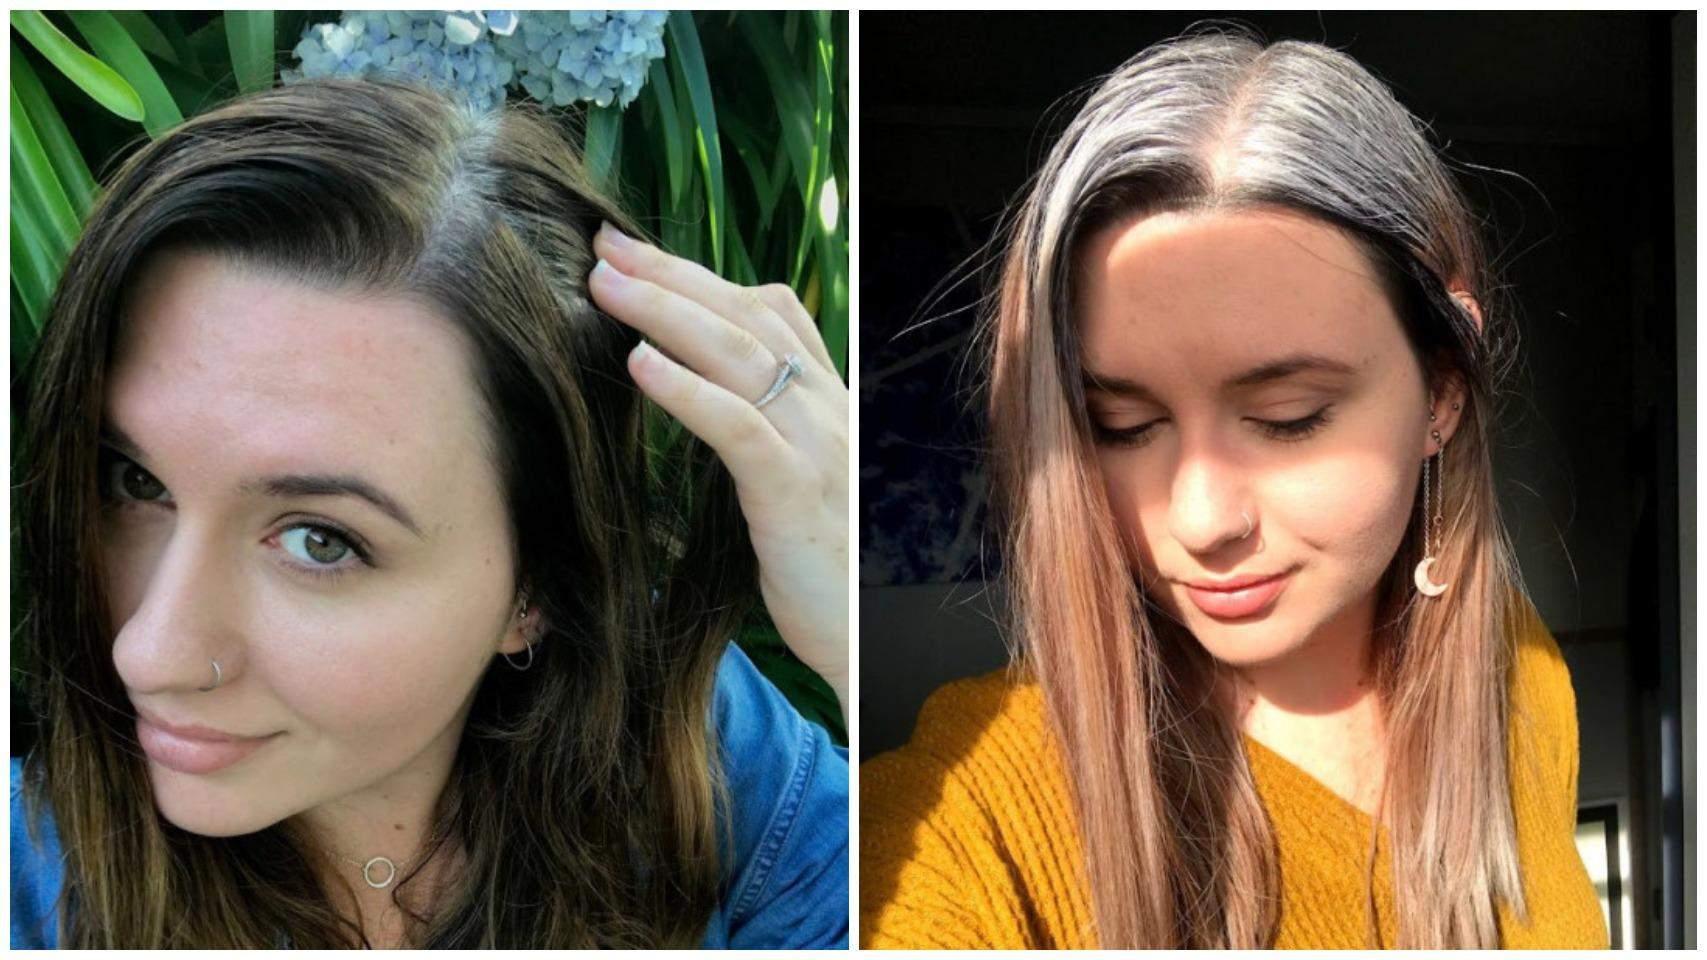 Перше сиве волосся дівчина побачила у 13 років